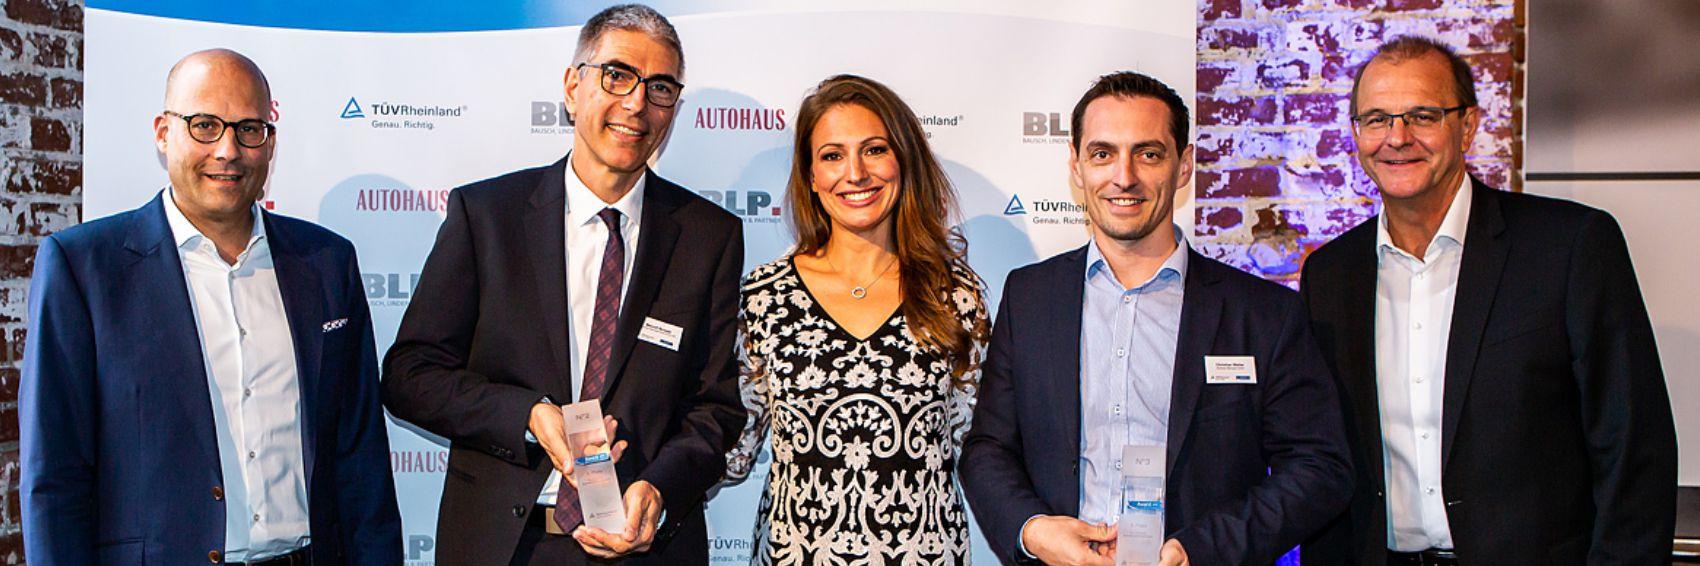 TÜV Rheinland Award Kundenzufriedenheit 2019